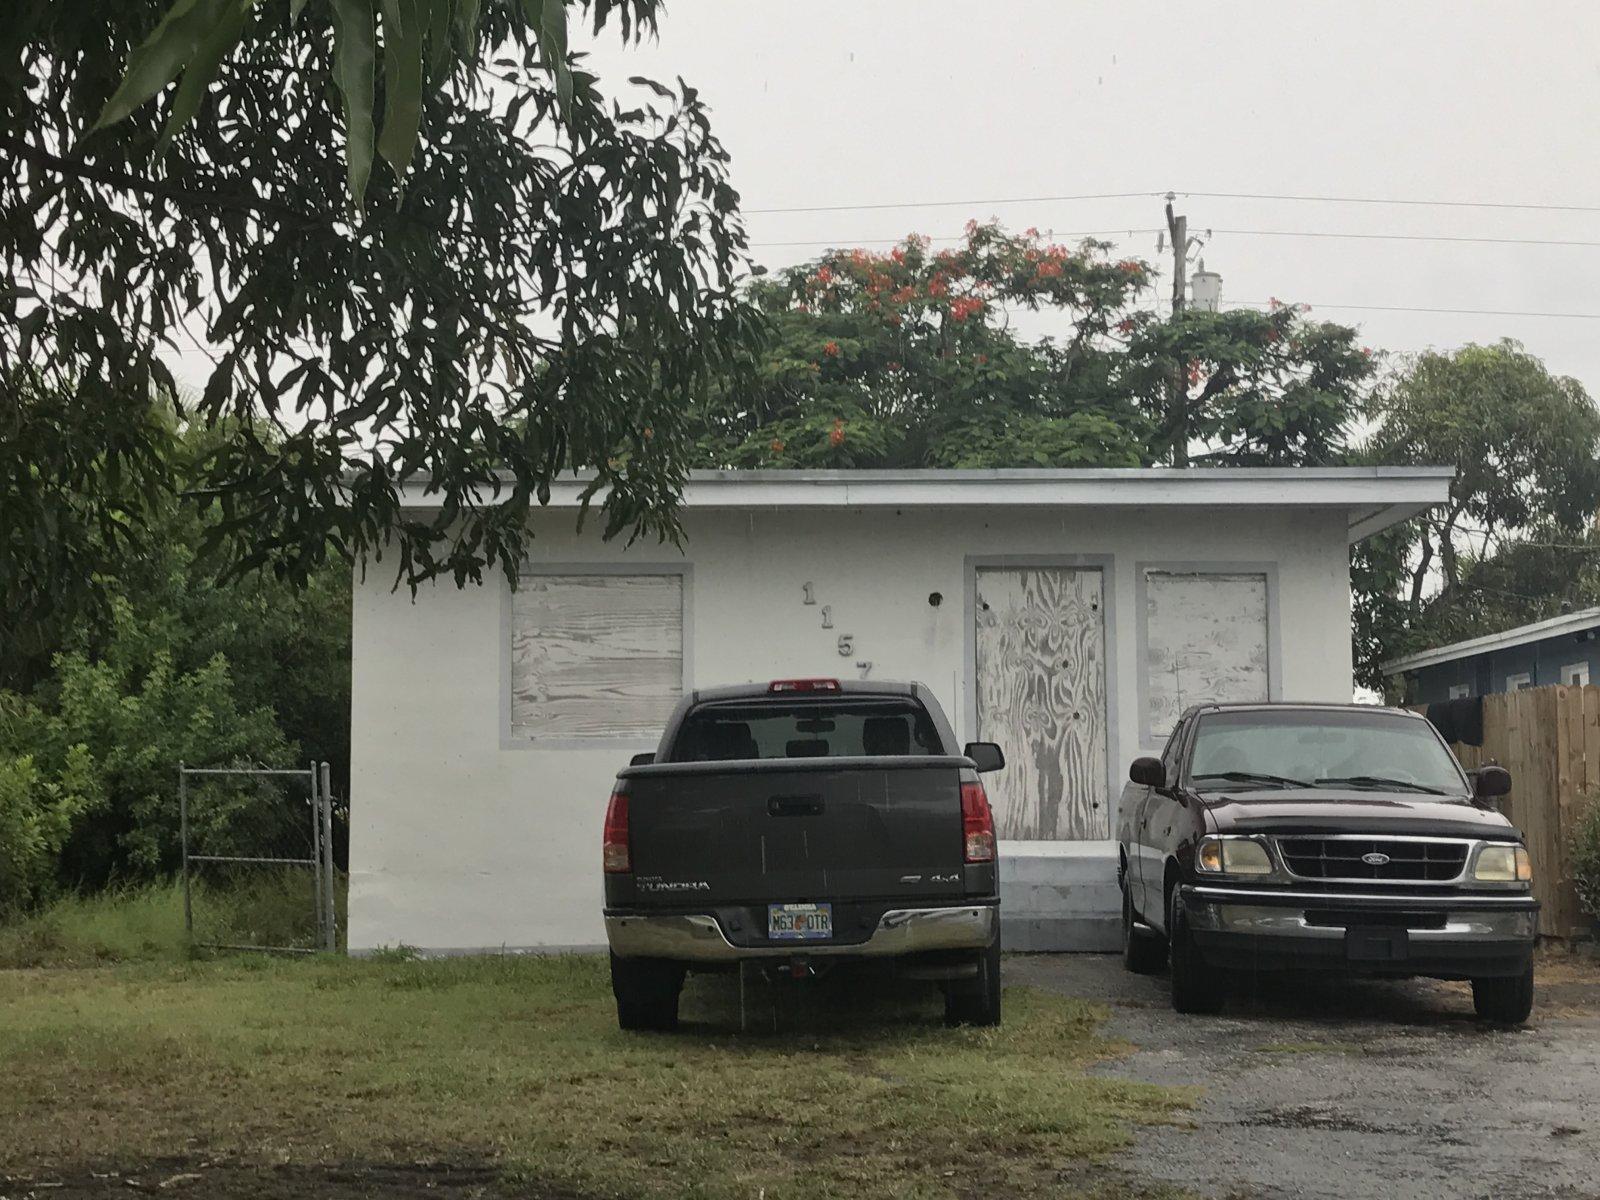 1157 W 9TH ST RIVIERA BEACH, FL 33404